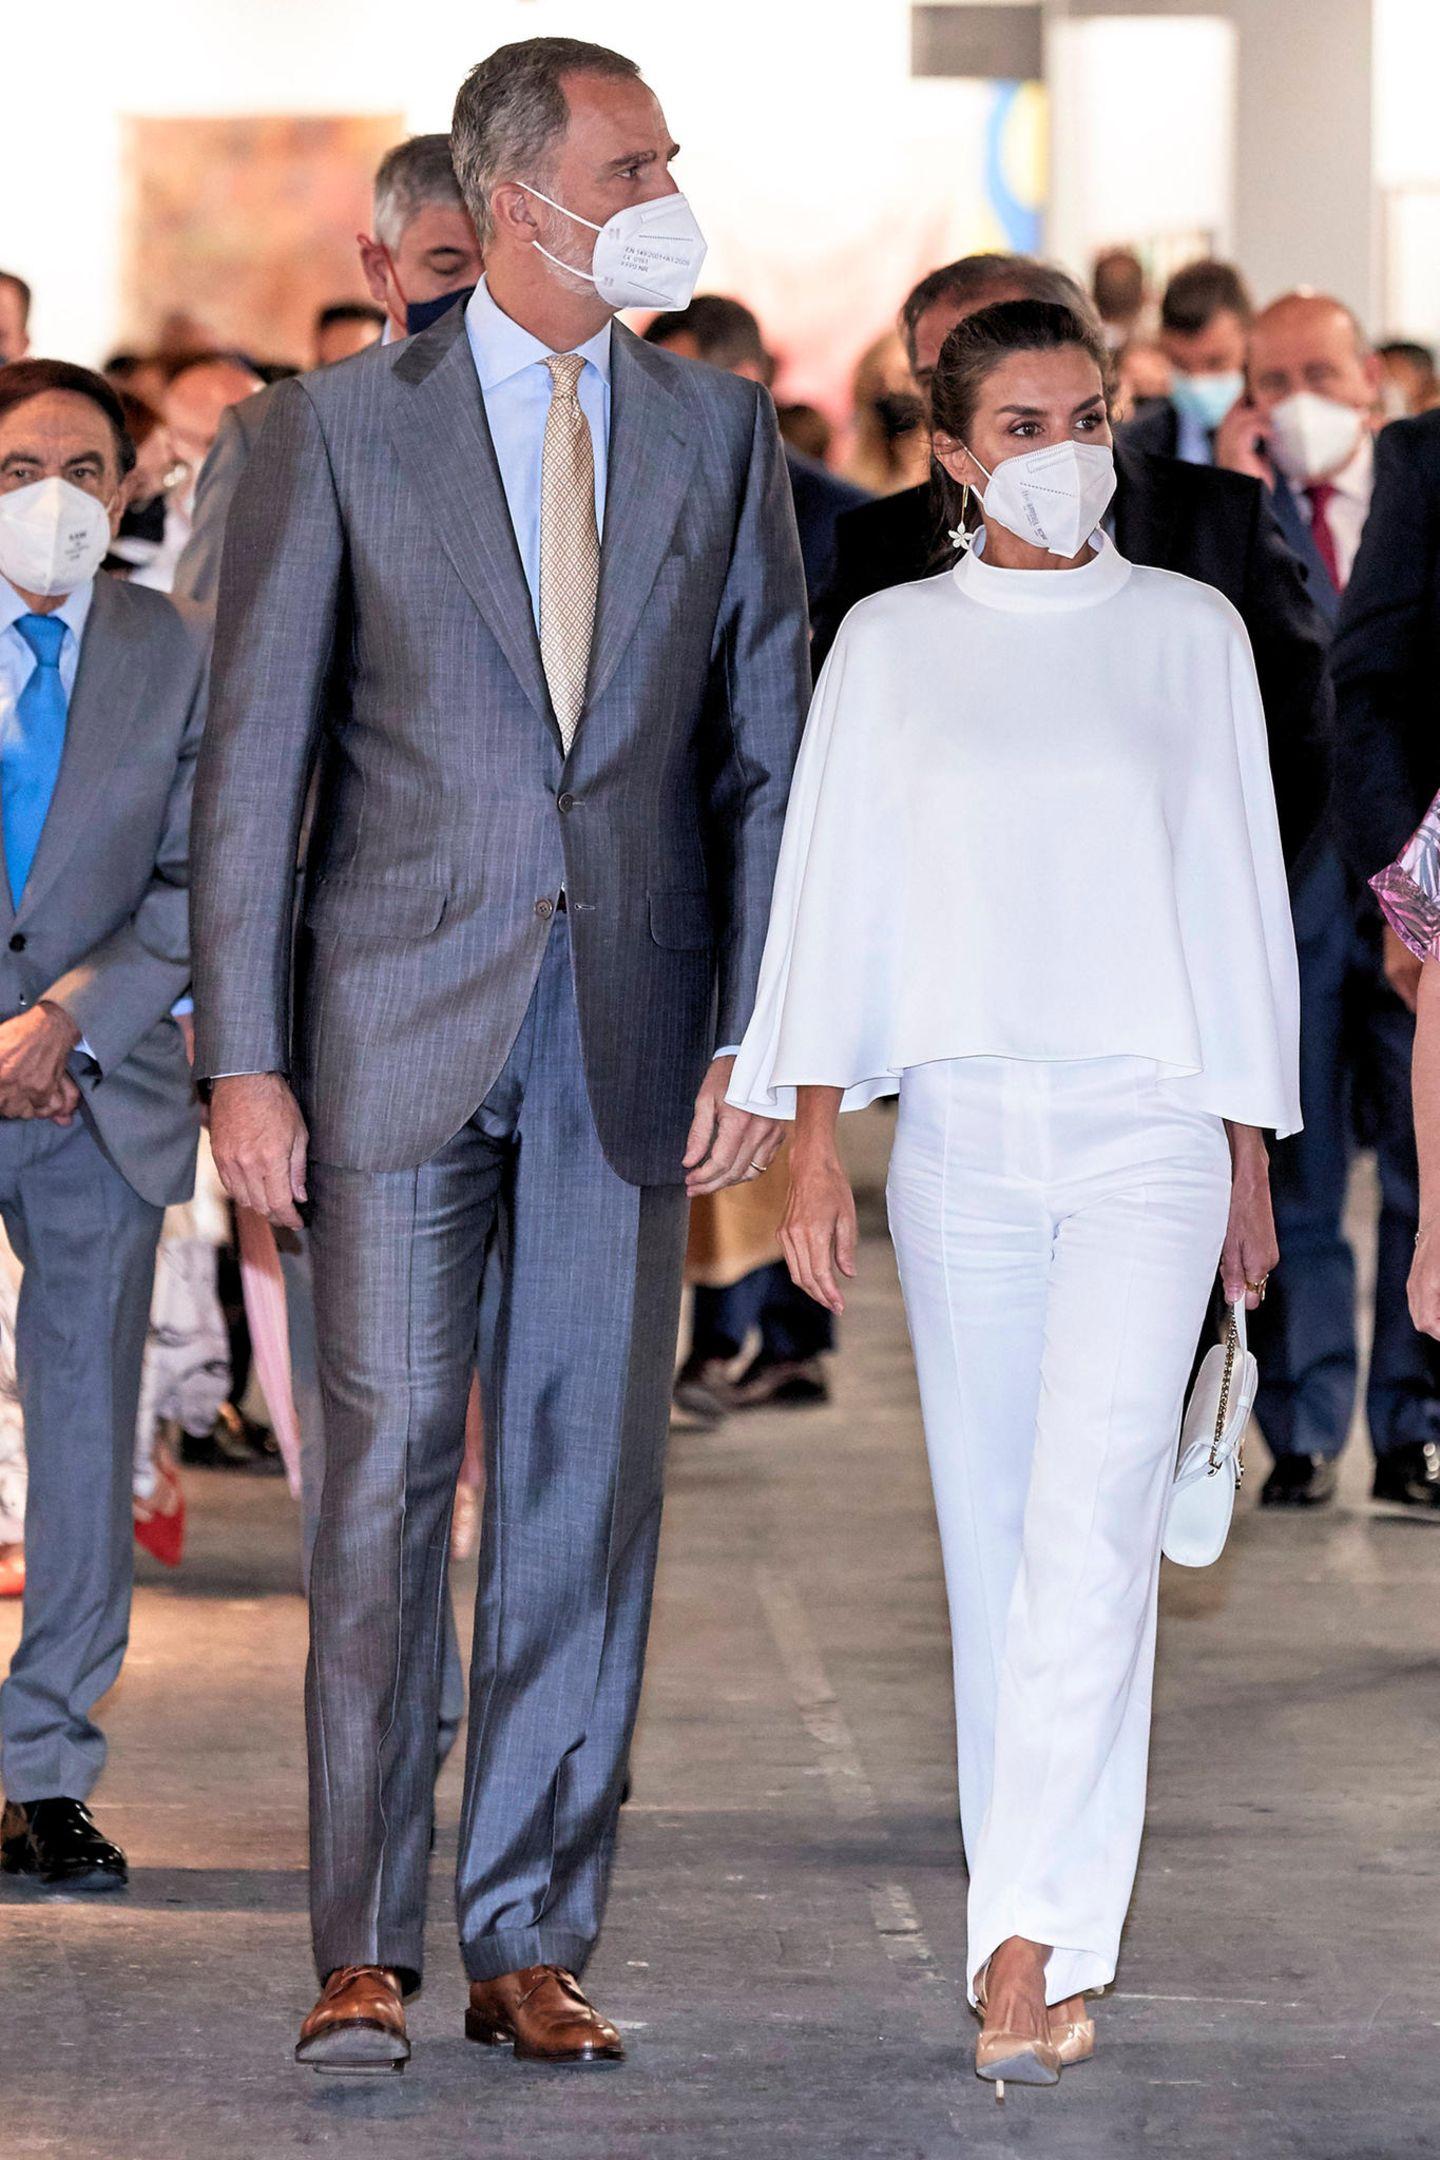 Bei der Kunstmesse Arco in Madrid gibt es für die Besucher jede Menge Farben und Formen zu bestaunen. Vielleicht hat sich Königin Letizia deshalb bei ihrem Outfit sehr zurückgehalten und setzt auf ein weißes Ensemble mit Cape von On Atlas.